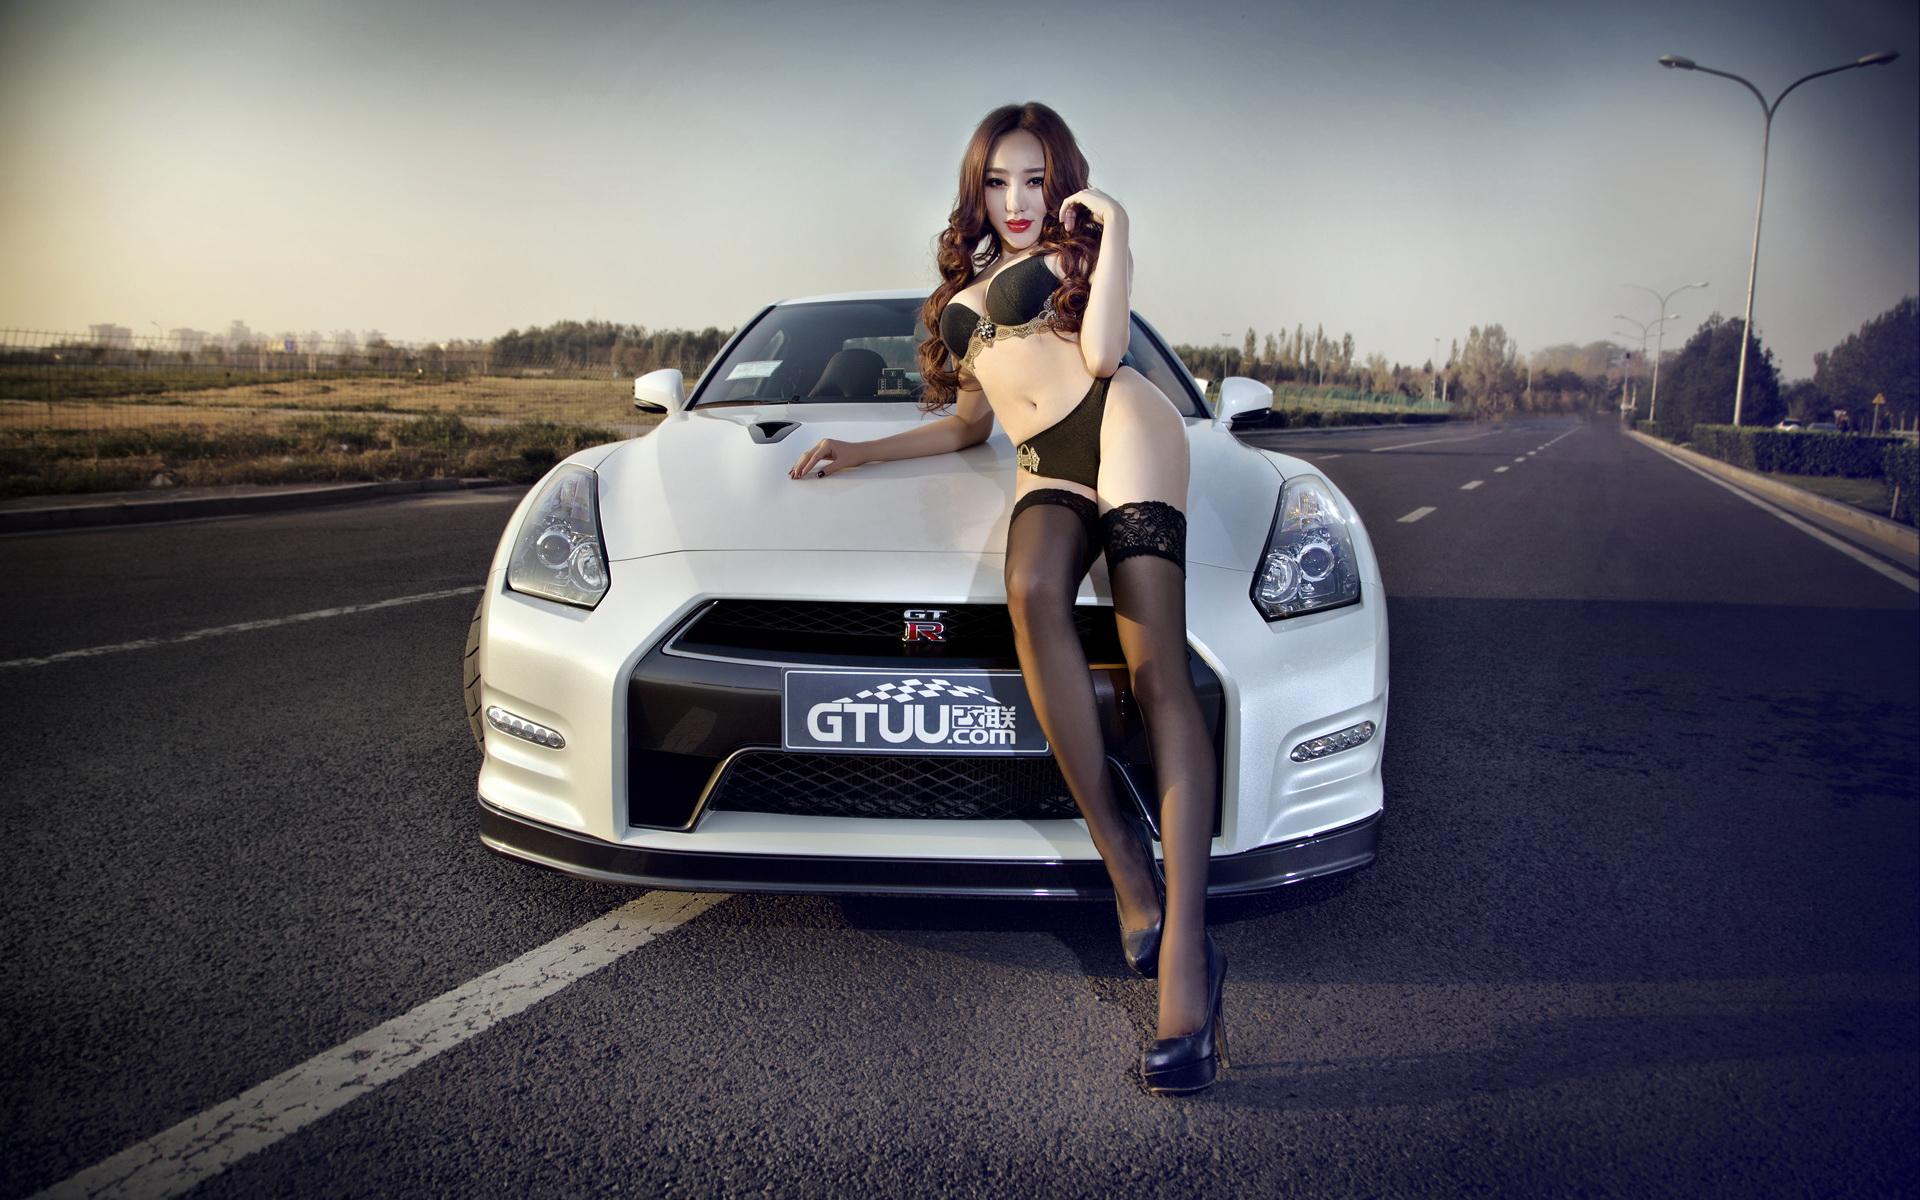 日产GTR改装跑车主题壁纸高清图片